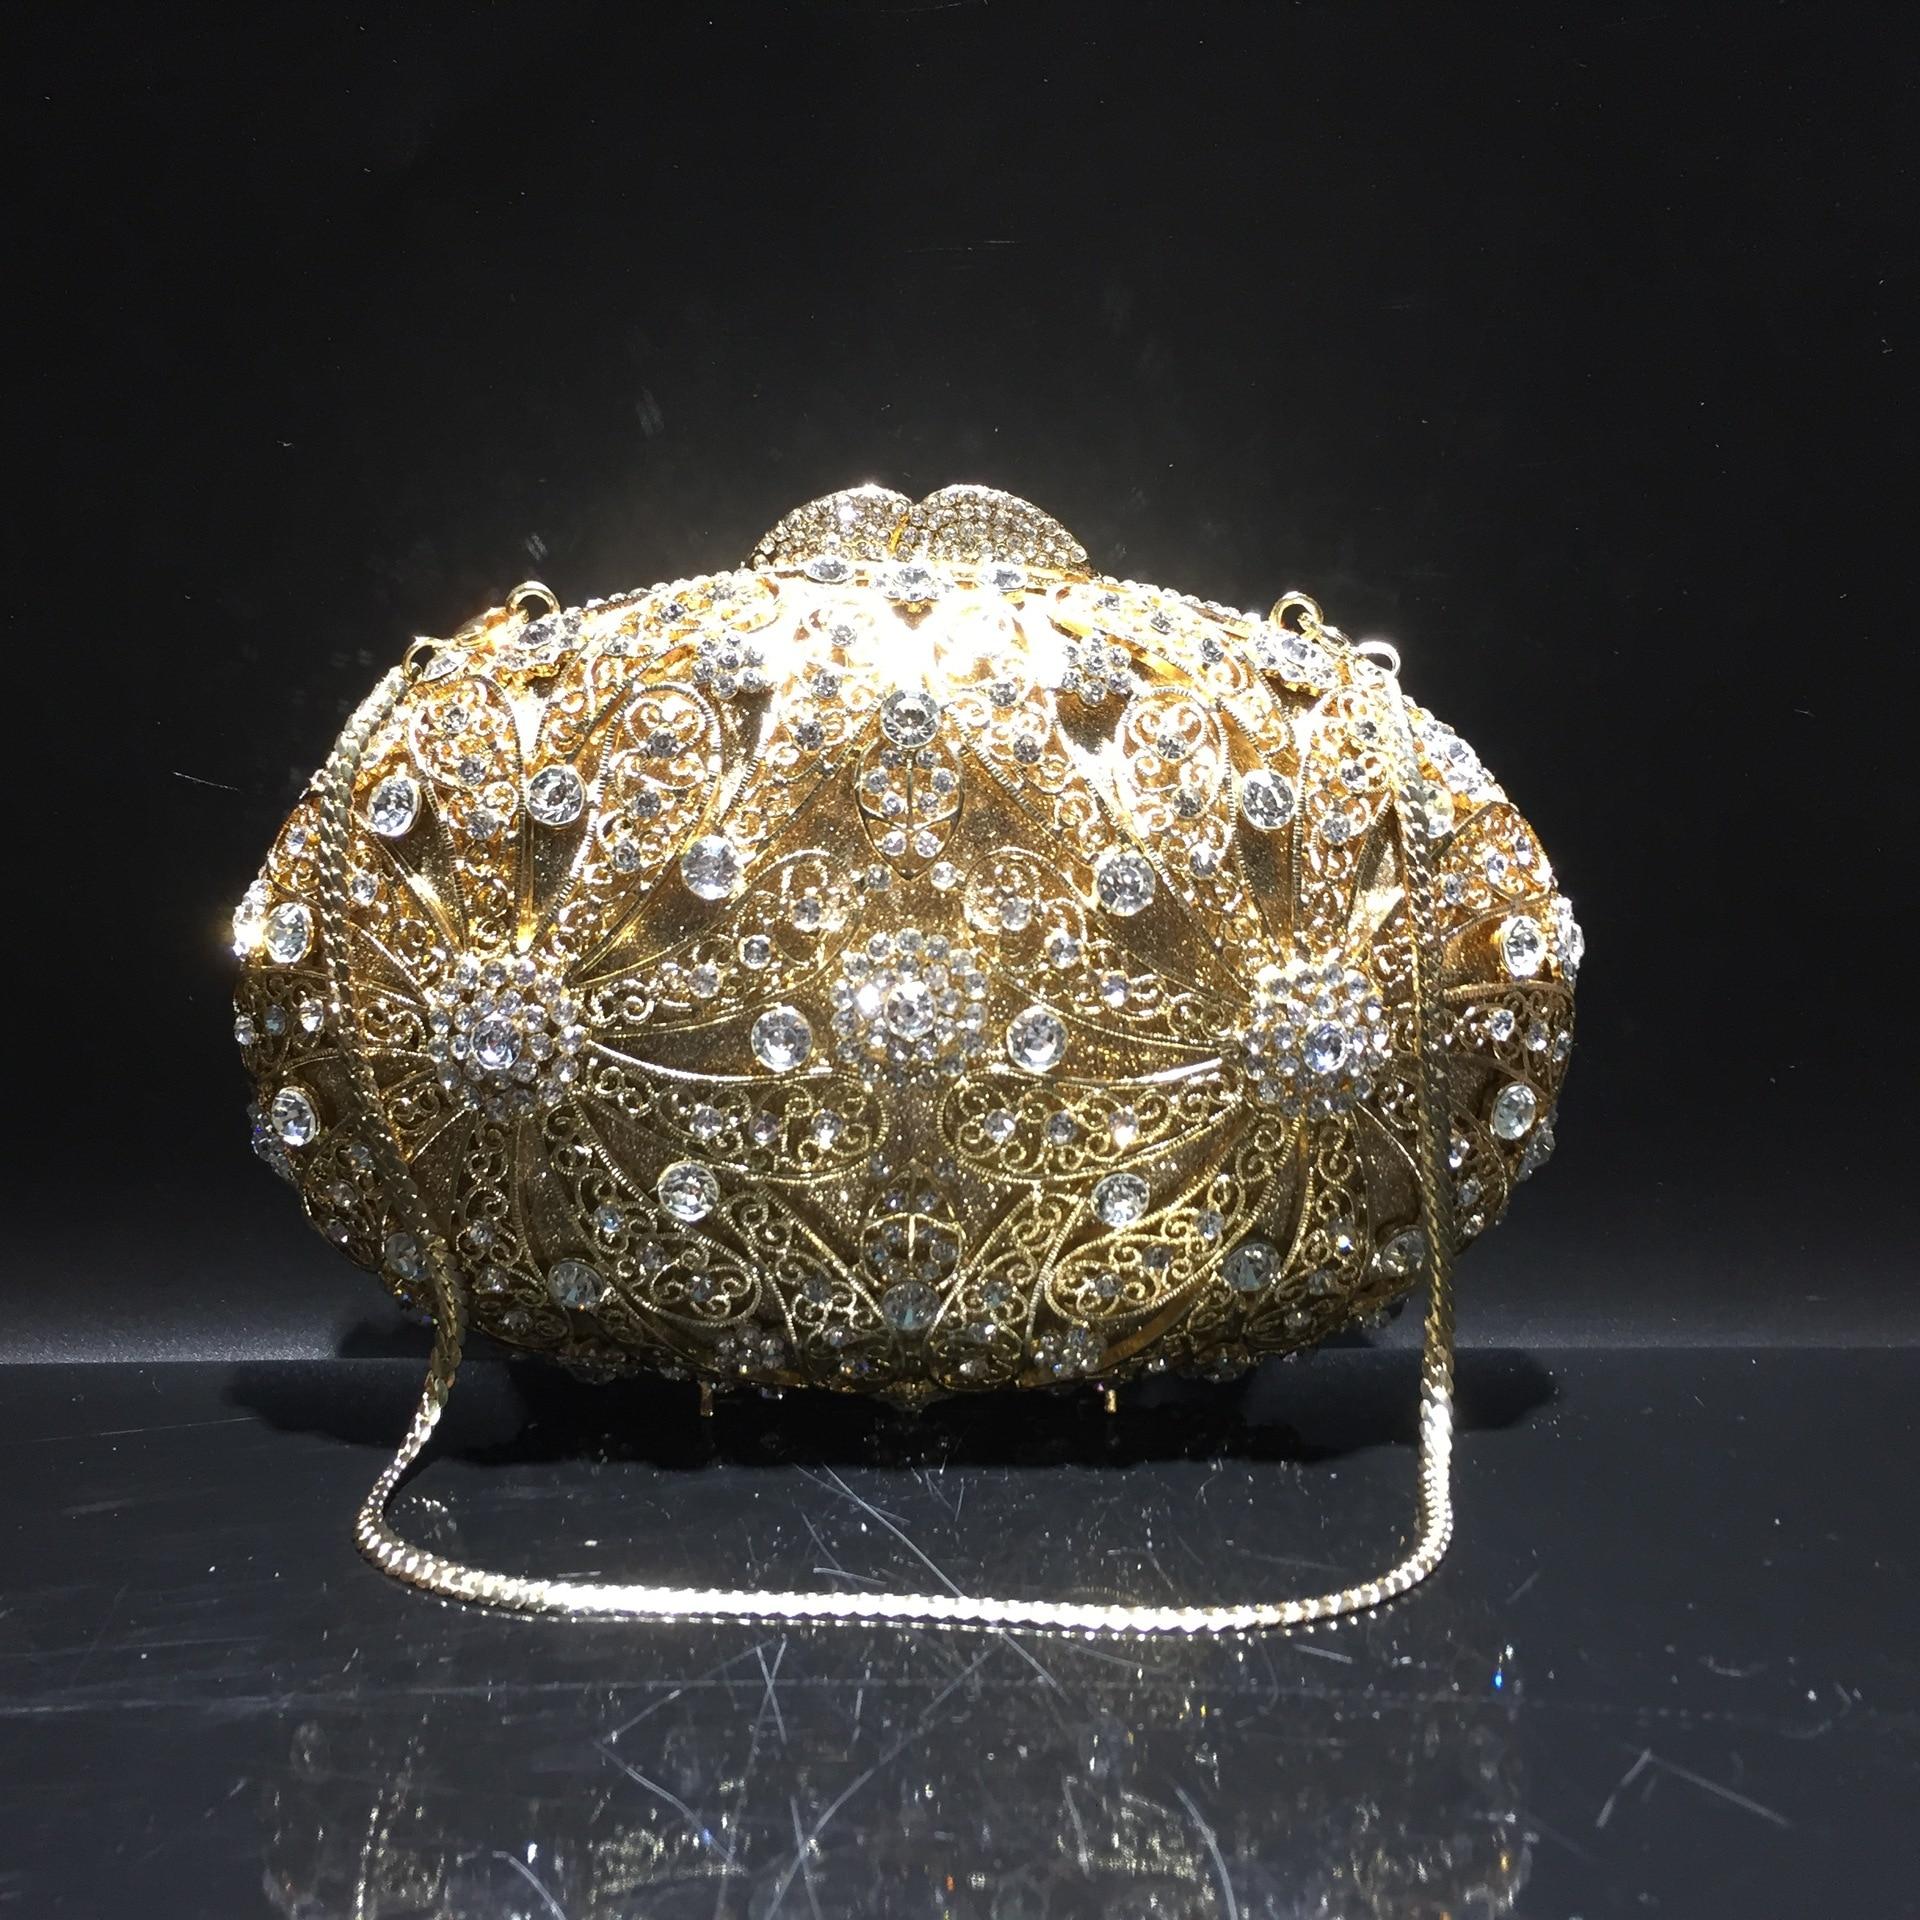 حقيبة كلاتش من حجر الراين ، 20 × 13 سنتيمتر ، حقيبة سهرة معدنية مجوفة ، a6914